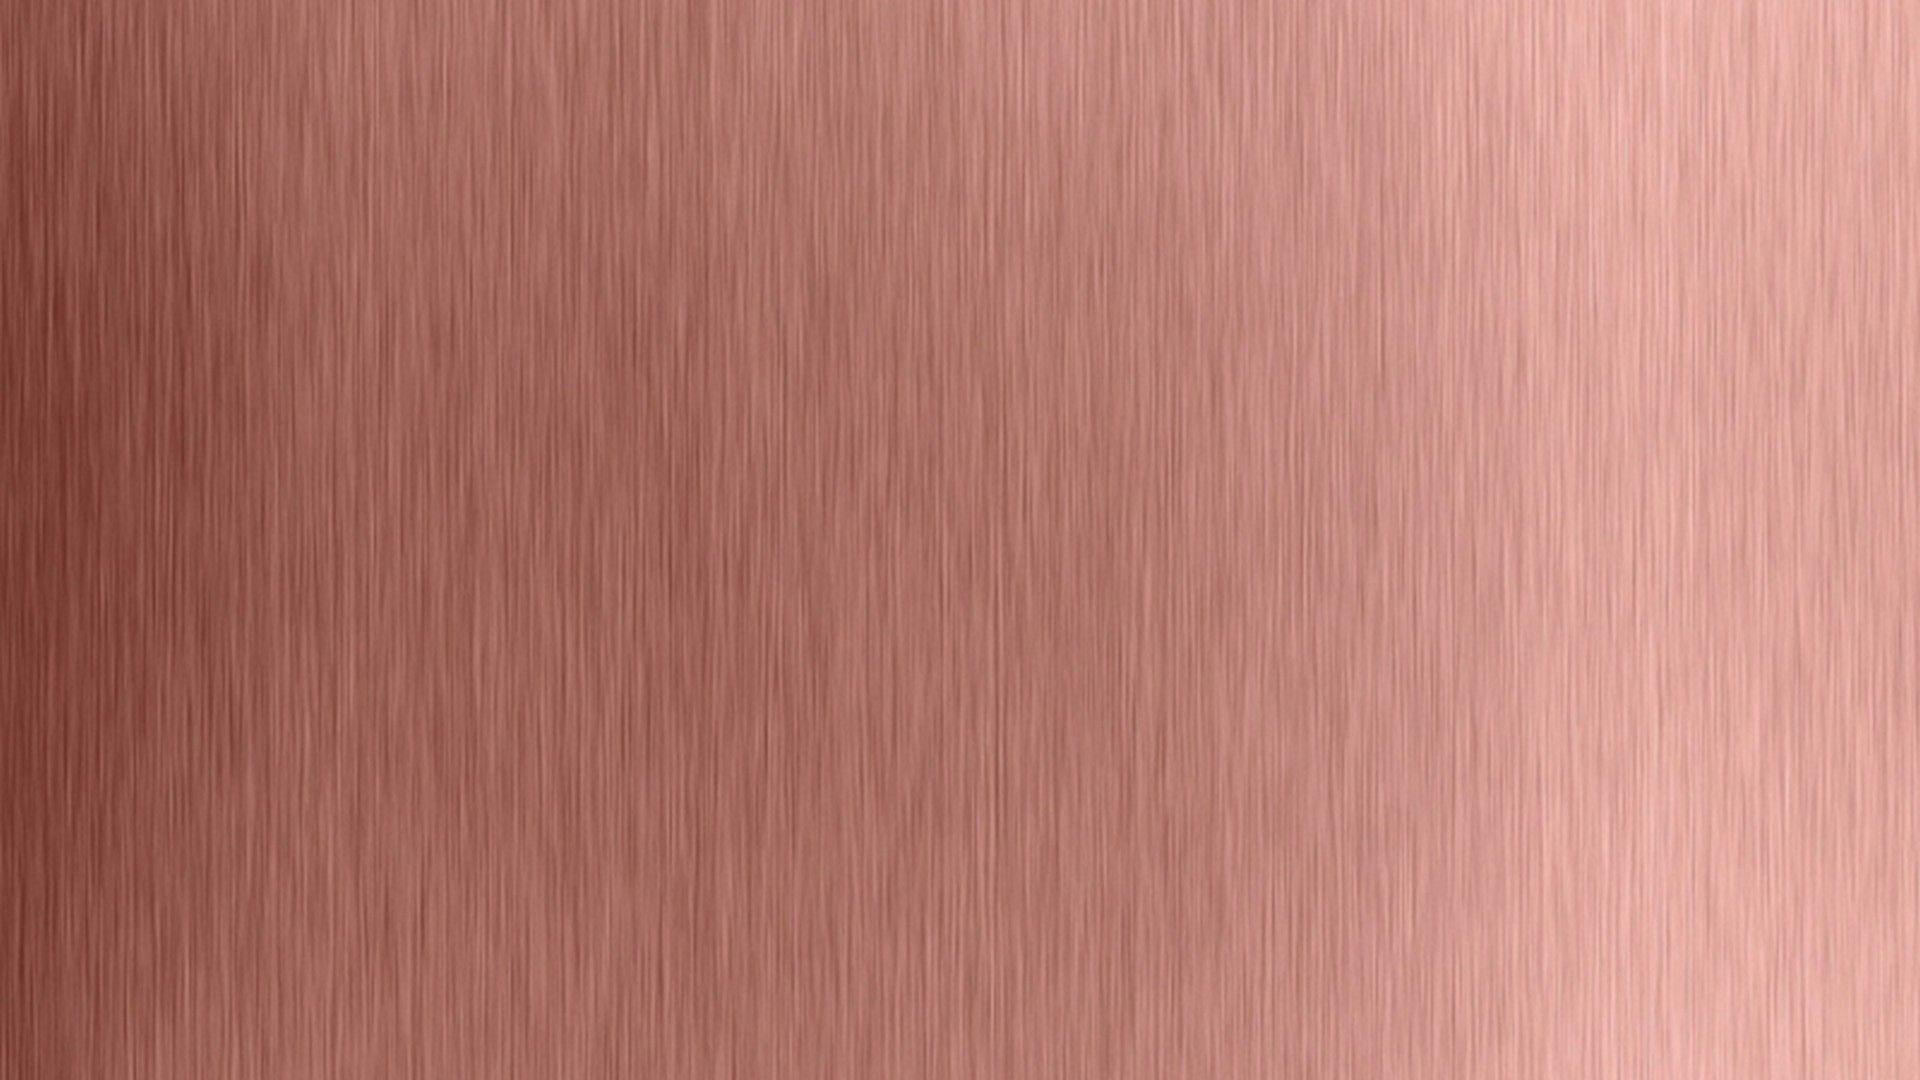 Wallpaper Rose Gold HD   Wallpaper, Best wallpaper hd ...